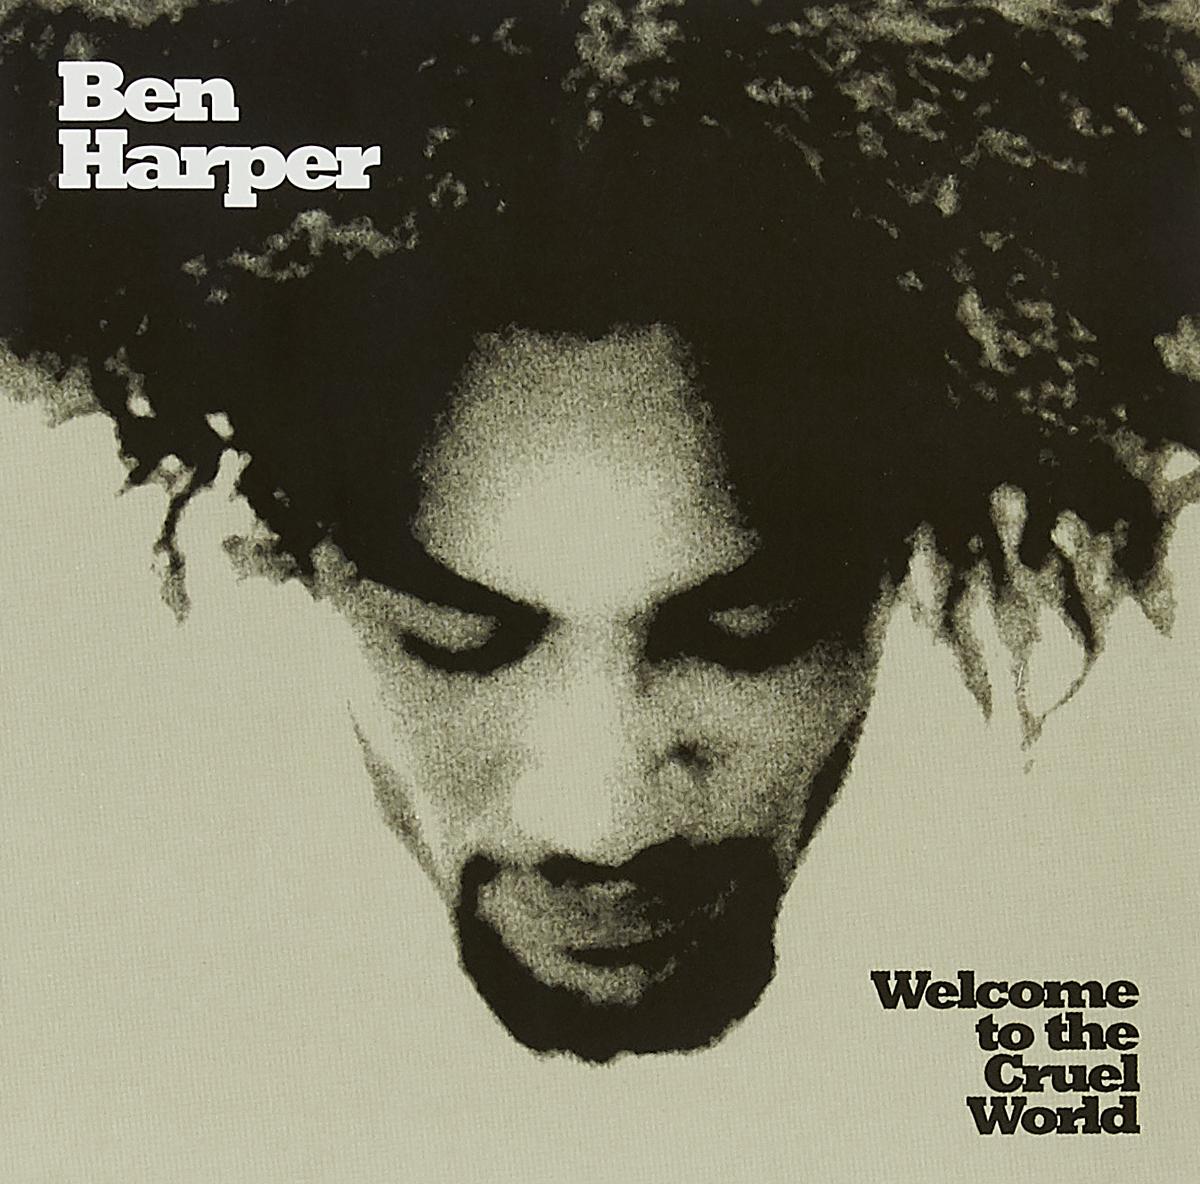 HARPER, BEN. WELCOME TO THE CRUEL WORLD ben harper ben harper welcome to the cruel world lp 7